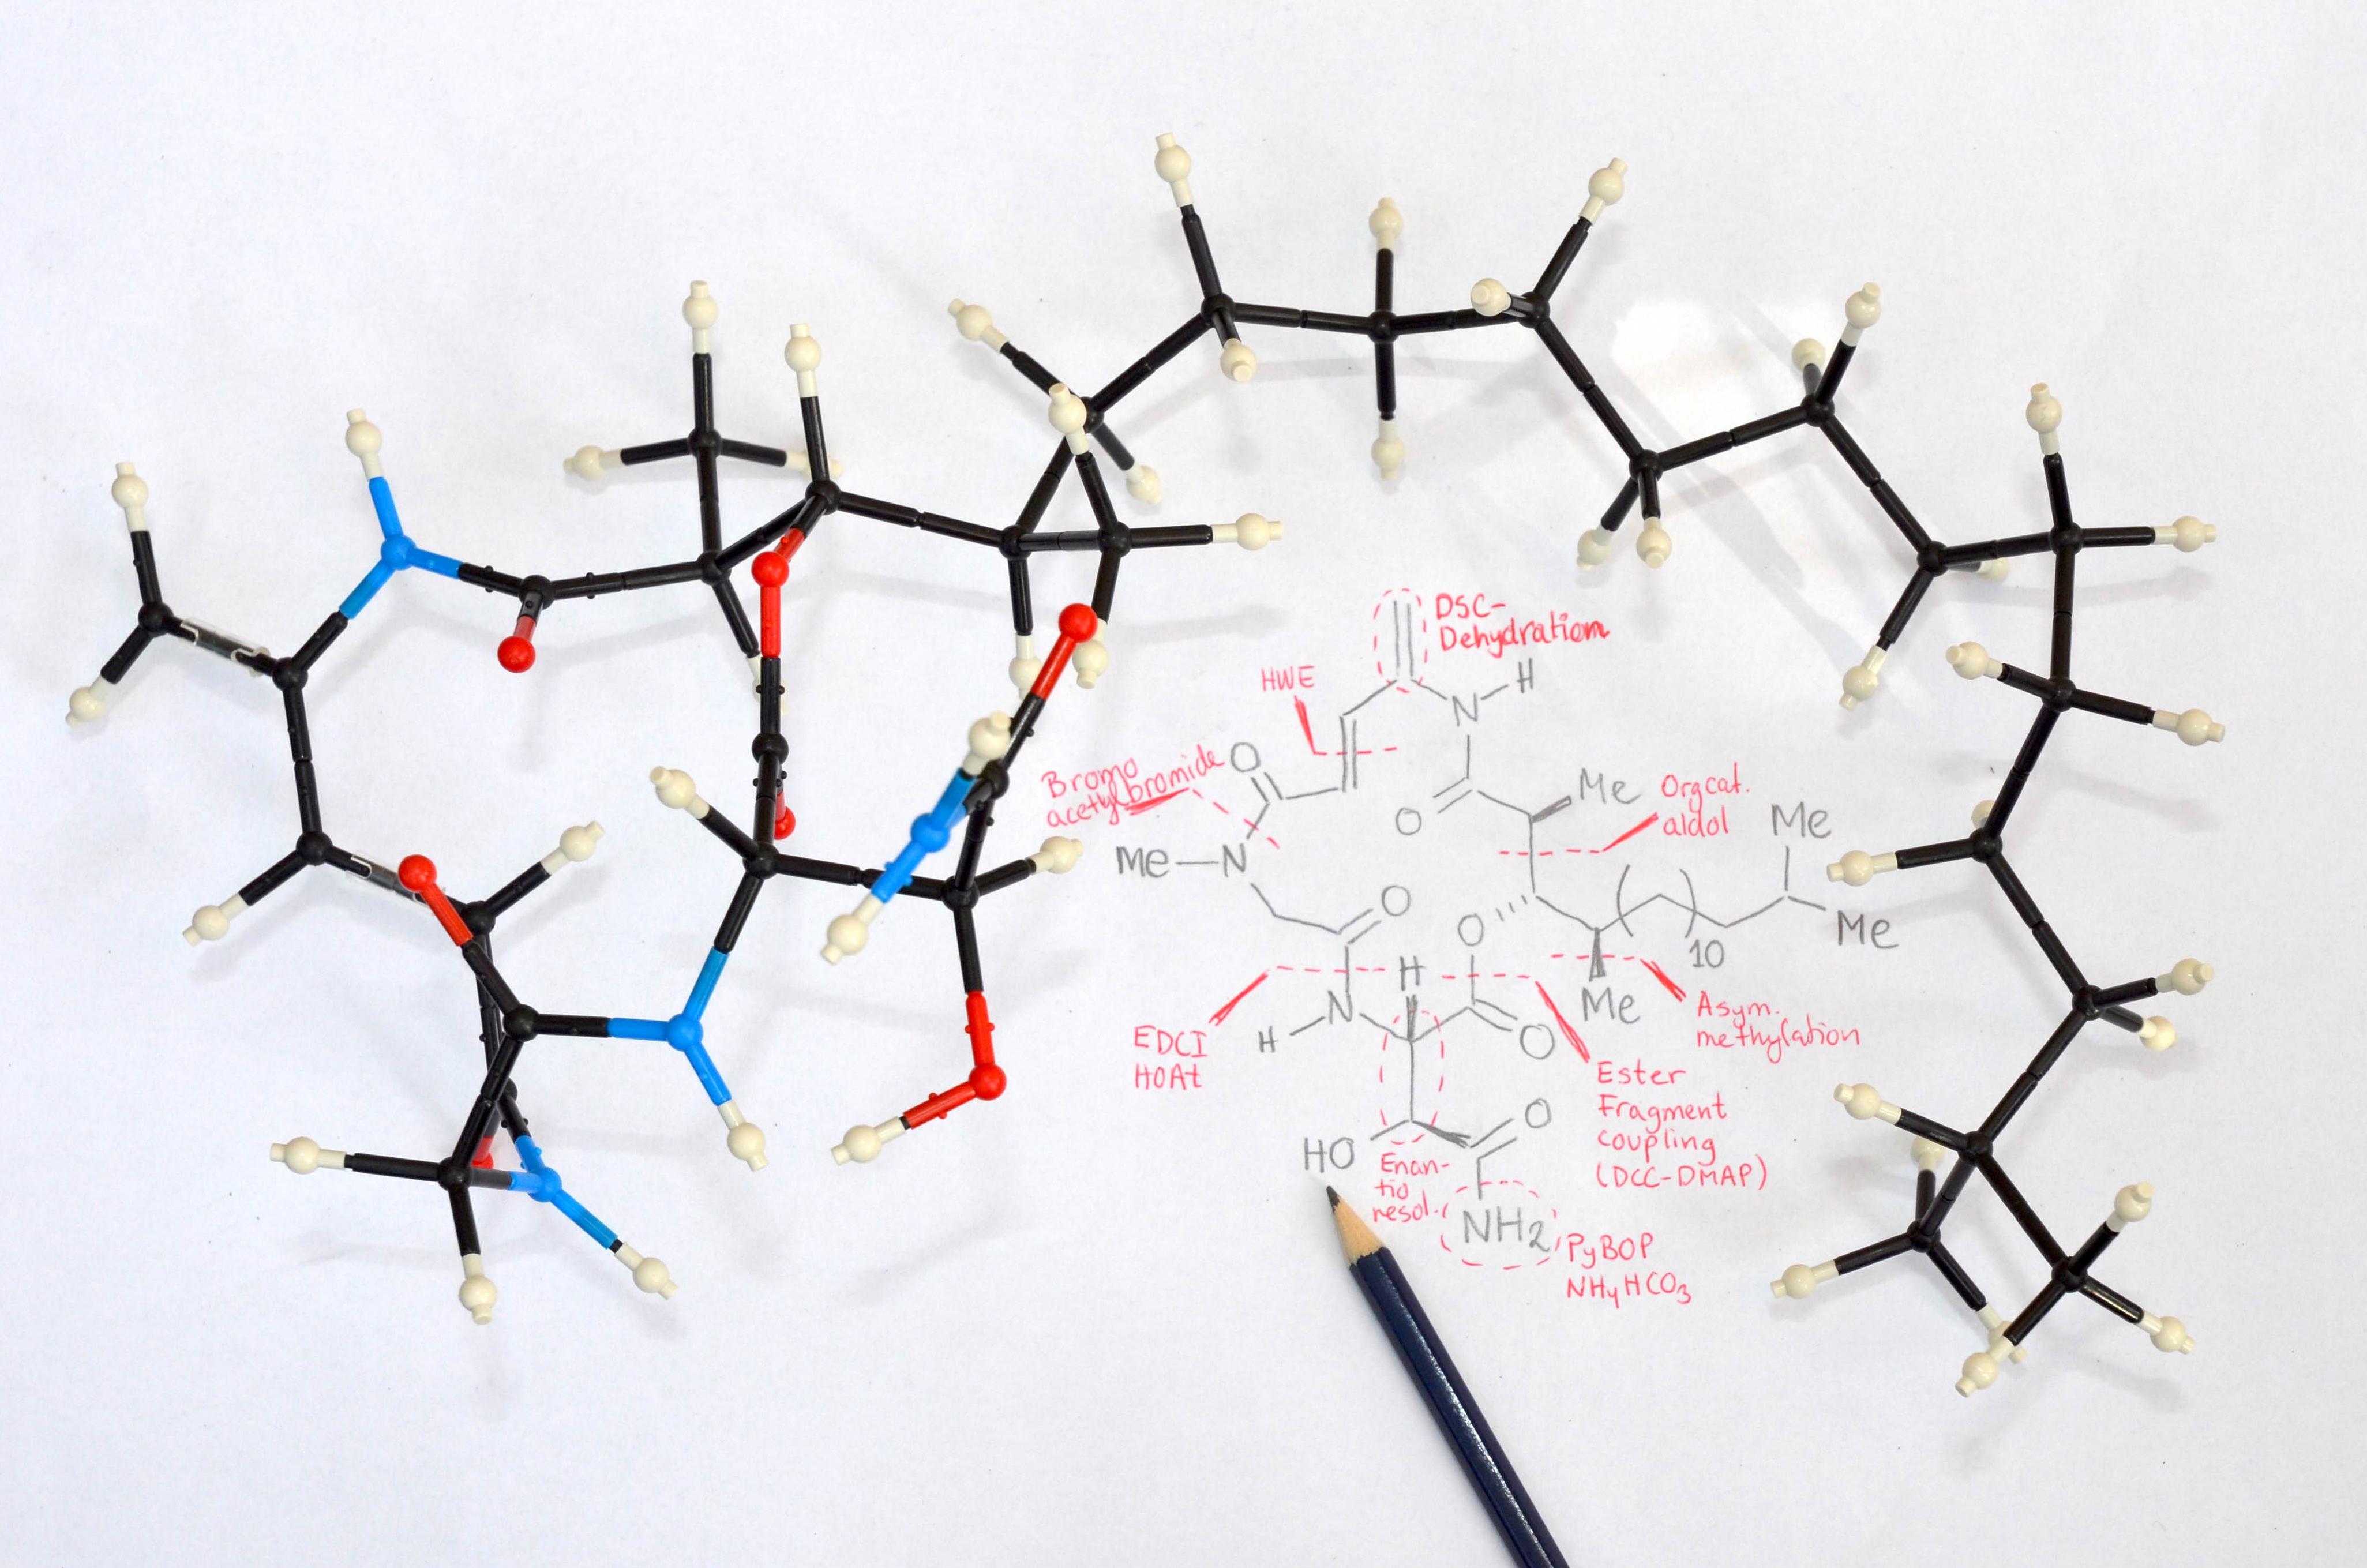 For at udvikle og afprøve nye naturstoffer skal forskere kunne manipulere med naturstoffers molekylære strukturer. Organisk kemisk syntese er nøgleteknologien til at eftergøre – men også videreudvikle – naturens egne konstruktioner. | Foto: Aarhus Universitet.